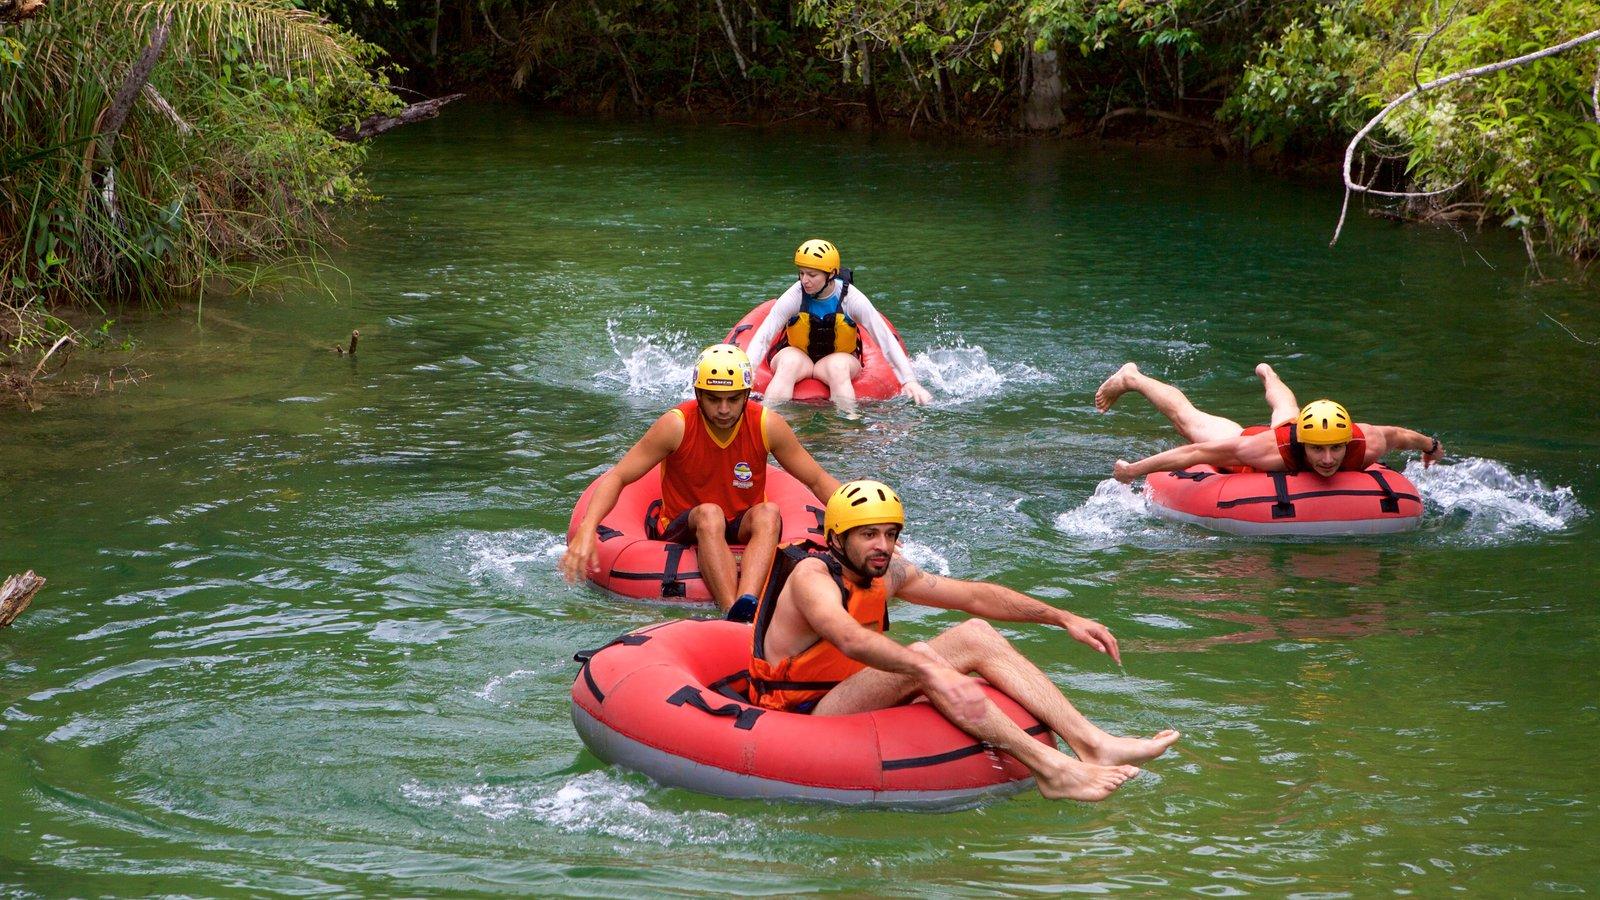 Parque Ecológico Rio Formoso que inclui esportes aquáticos e um rio ou córrego assim como um pequeno grupo de pessoas